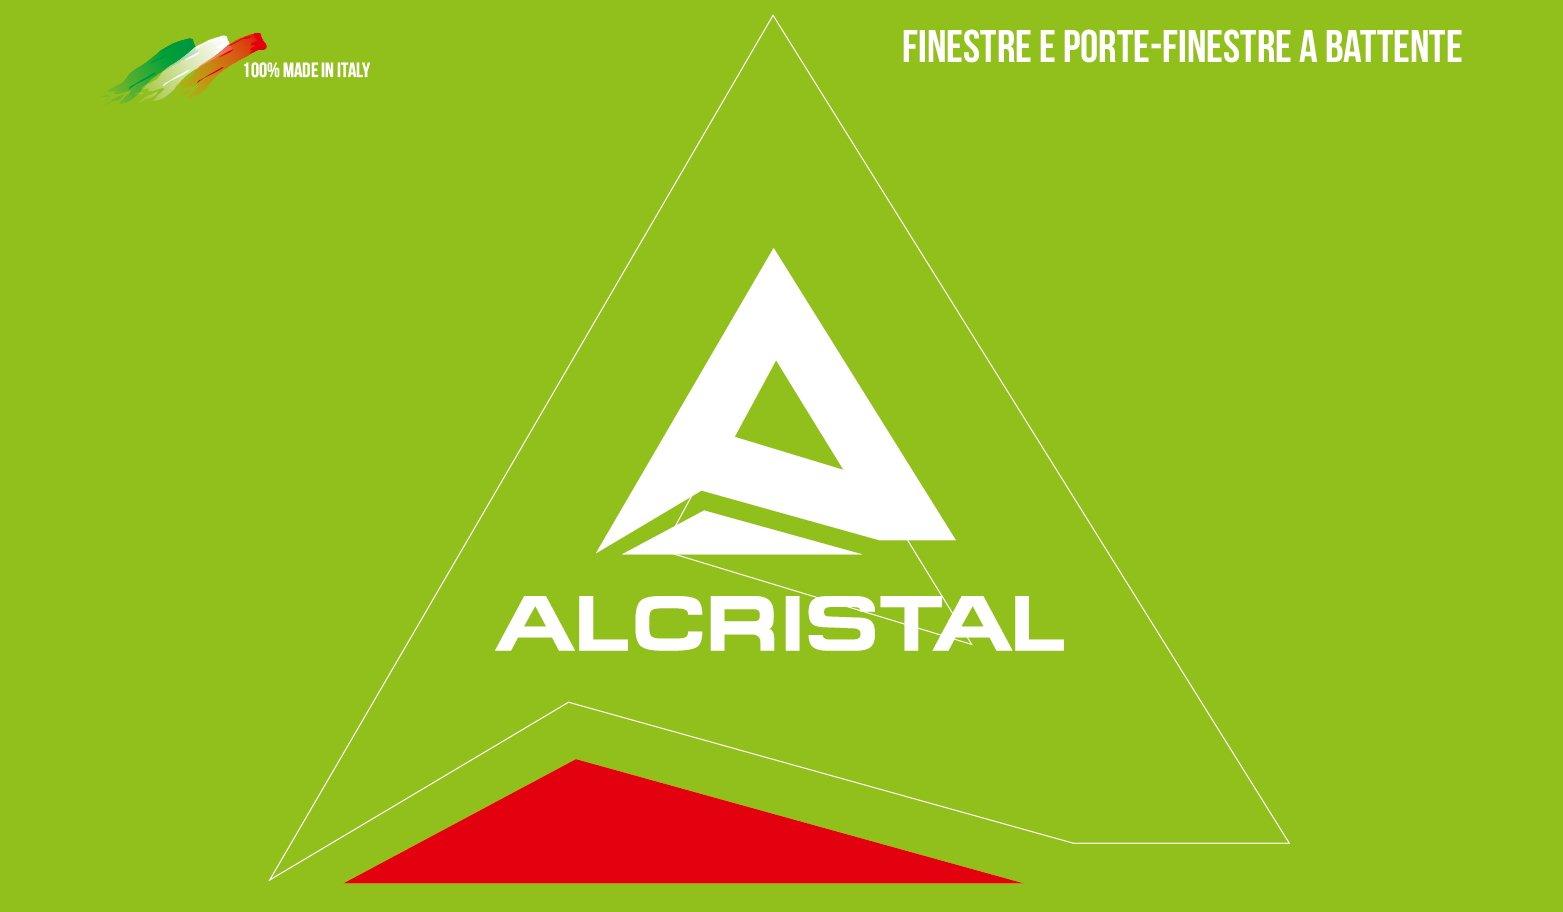 Al cristal-FINESTRE E PORTE-FINESTRE A BATTENTE-logo